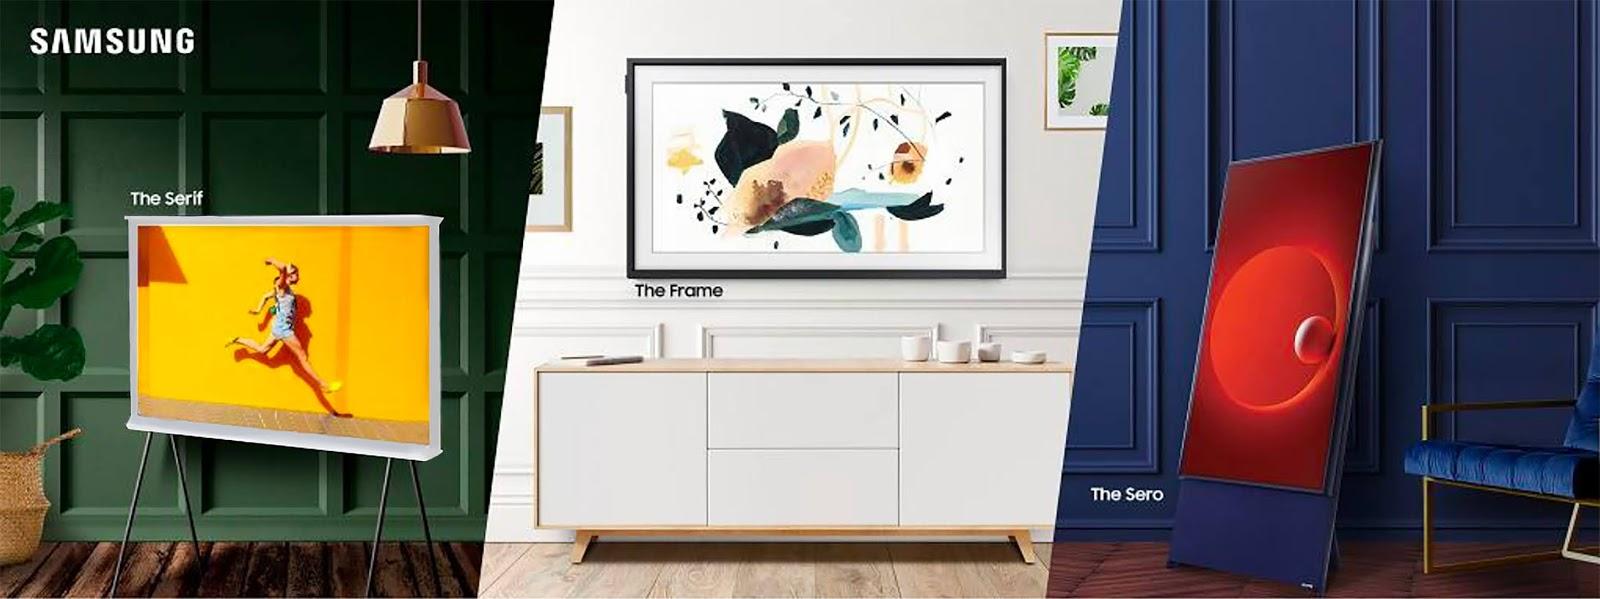 Samsung ผสานศิลปะและนวัตกรรม ผ่าน Samsung Lifestyle TV 2020 โมเดิร์นโฮมเอนเตอร์เทนเมนต์ที่ตอบโจทย์ทุกรูปแบบคอนเทนต์